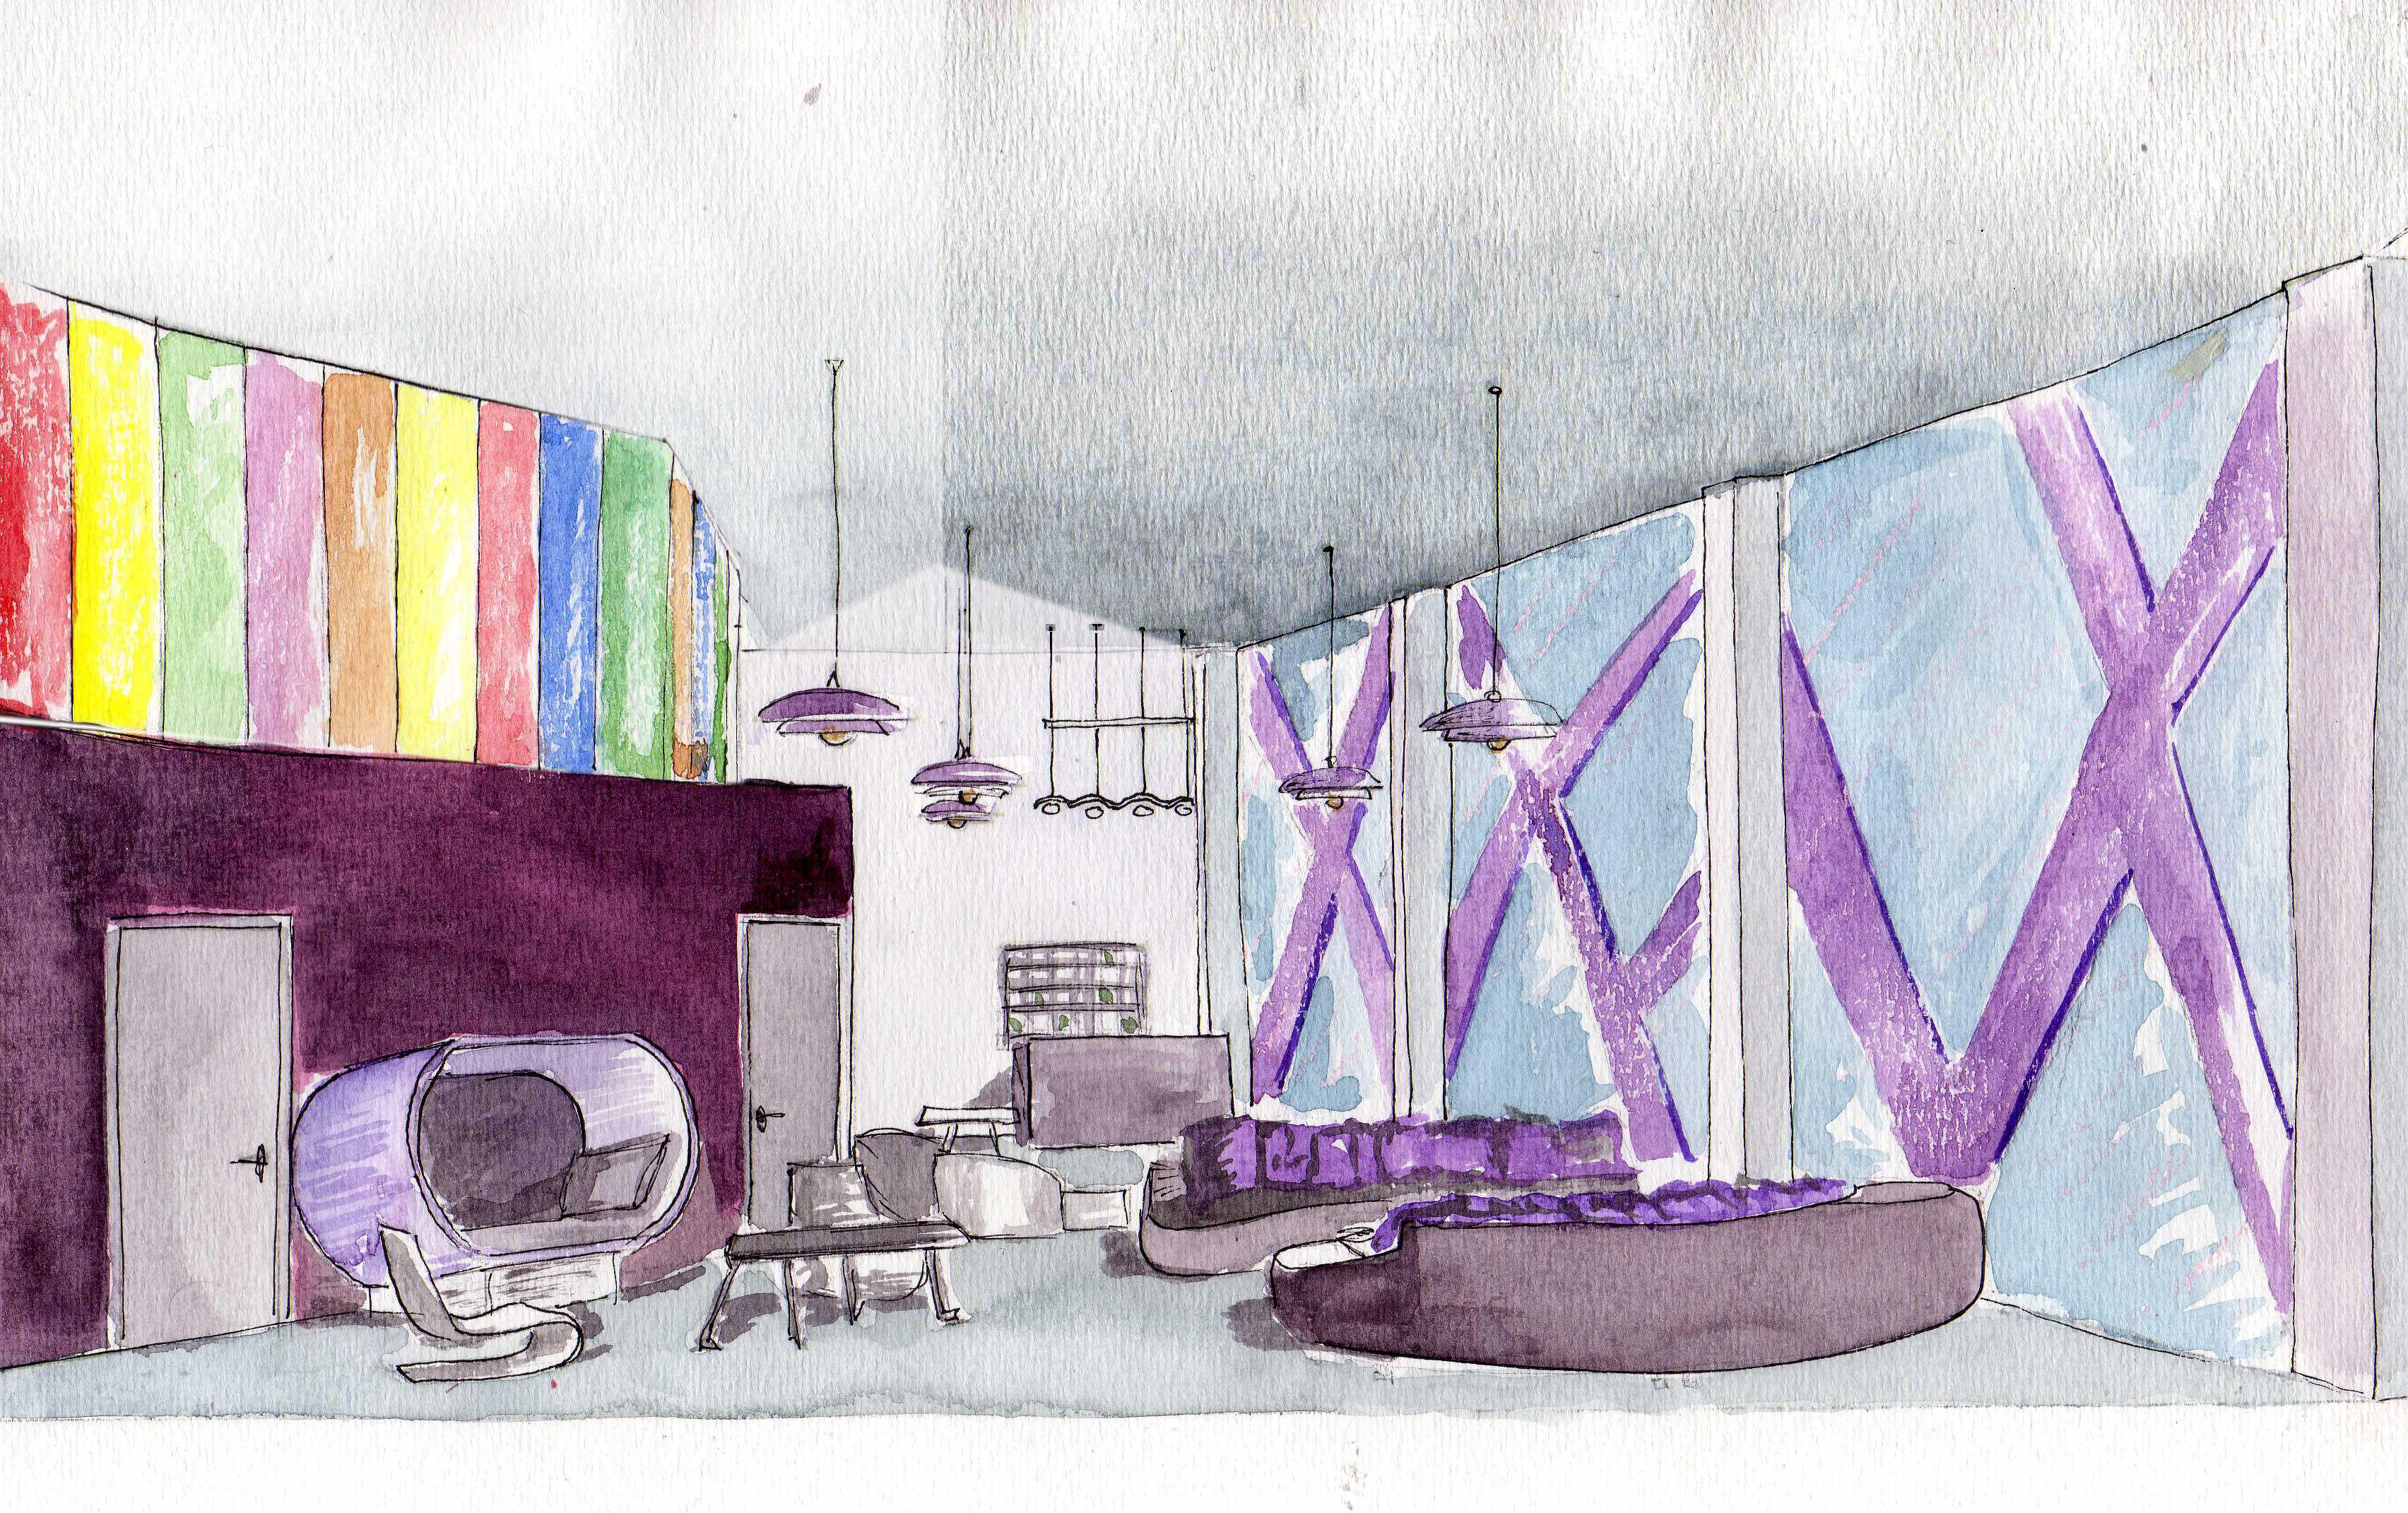 Dise o interior arquitecto de interiores - Proyecto de diseno de interiores ...